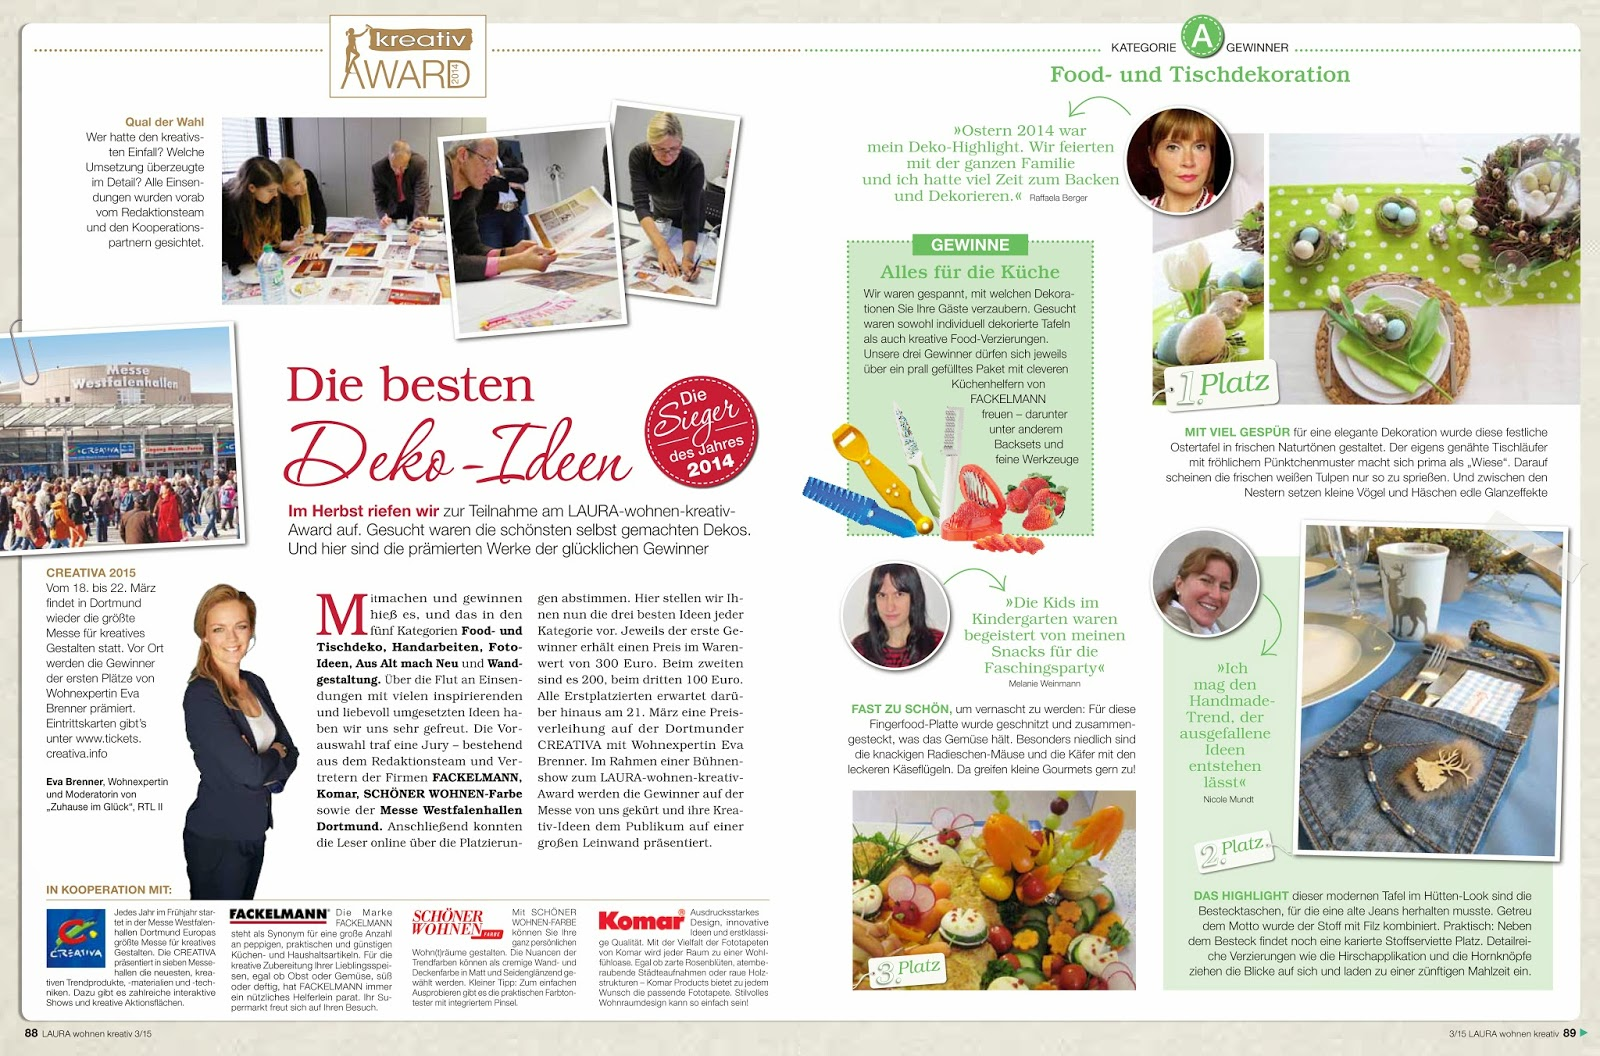 HEIMATLIEBE 4 YOU: Heim@Werke - Die besten Deko-Ideen!